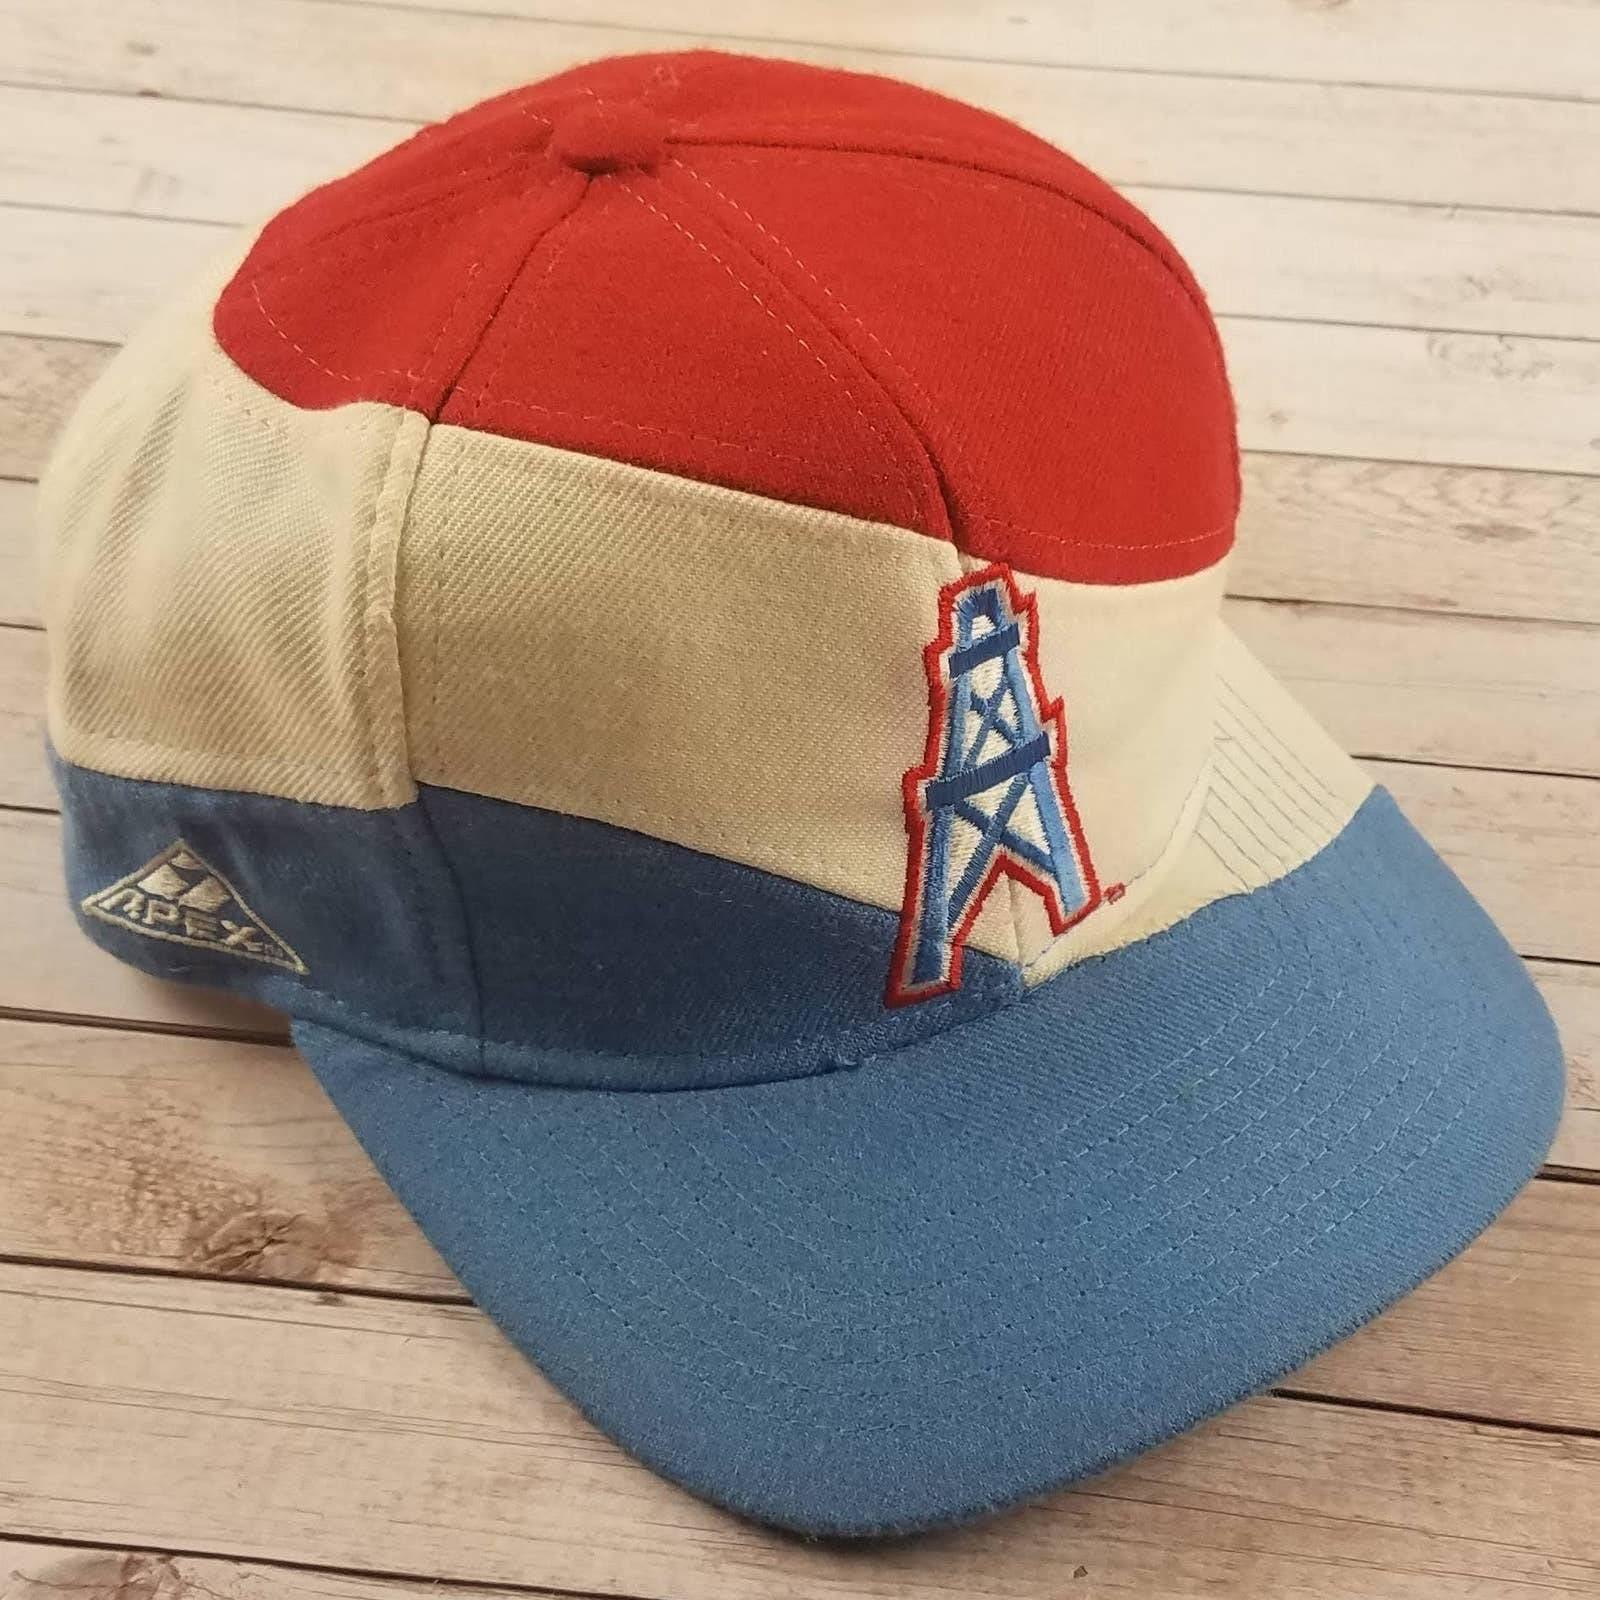 VTG 90s Houston Oilers Apex Snapback Hat